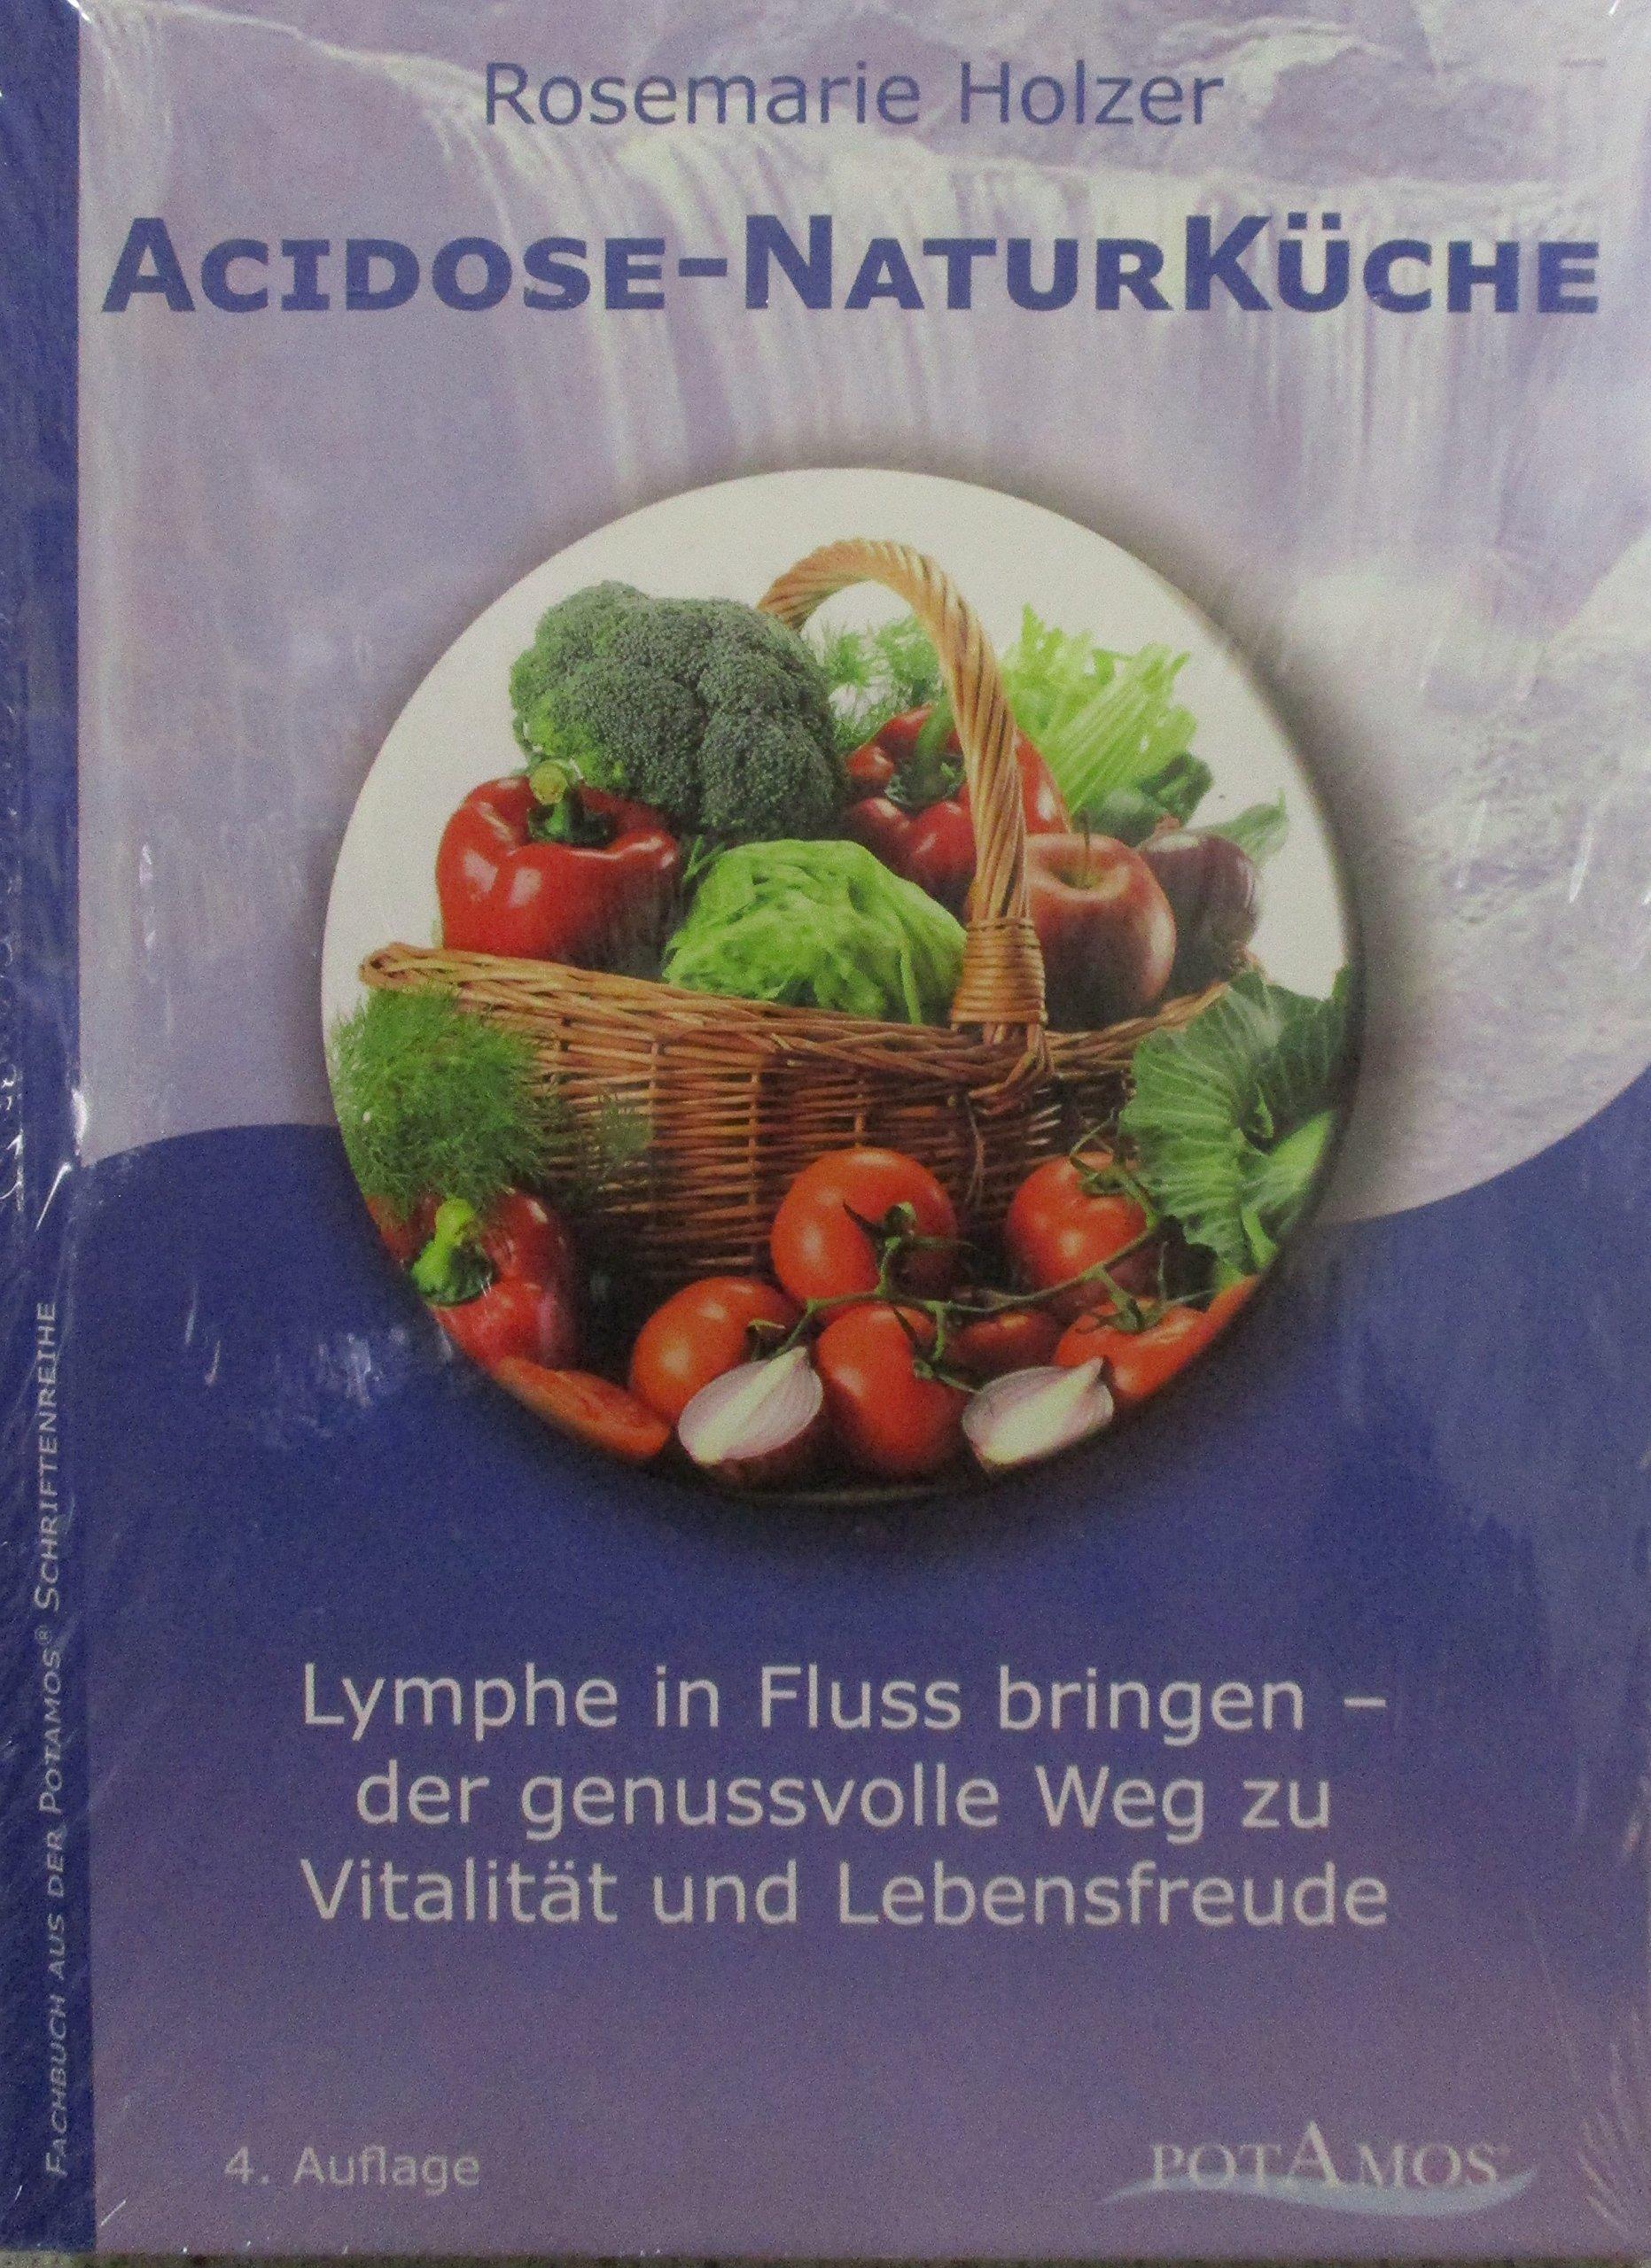 acidose-naturkche-lymphe-in-fluss-bringen-der-genussvolle-weg-zu-vitalitt-und-lebensfreude